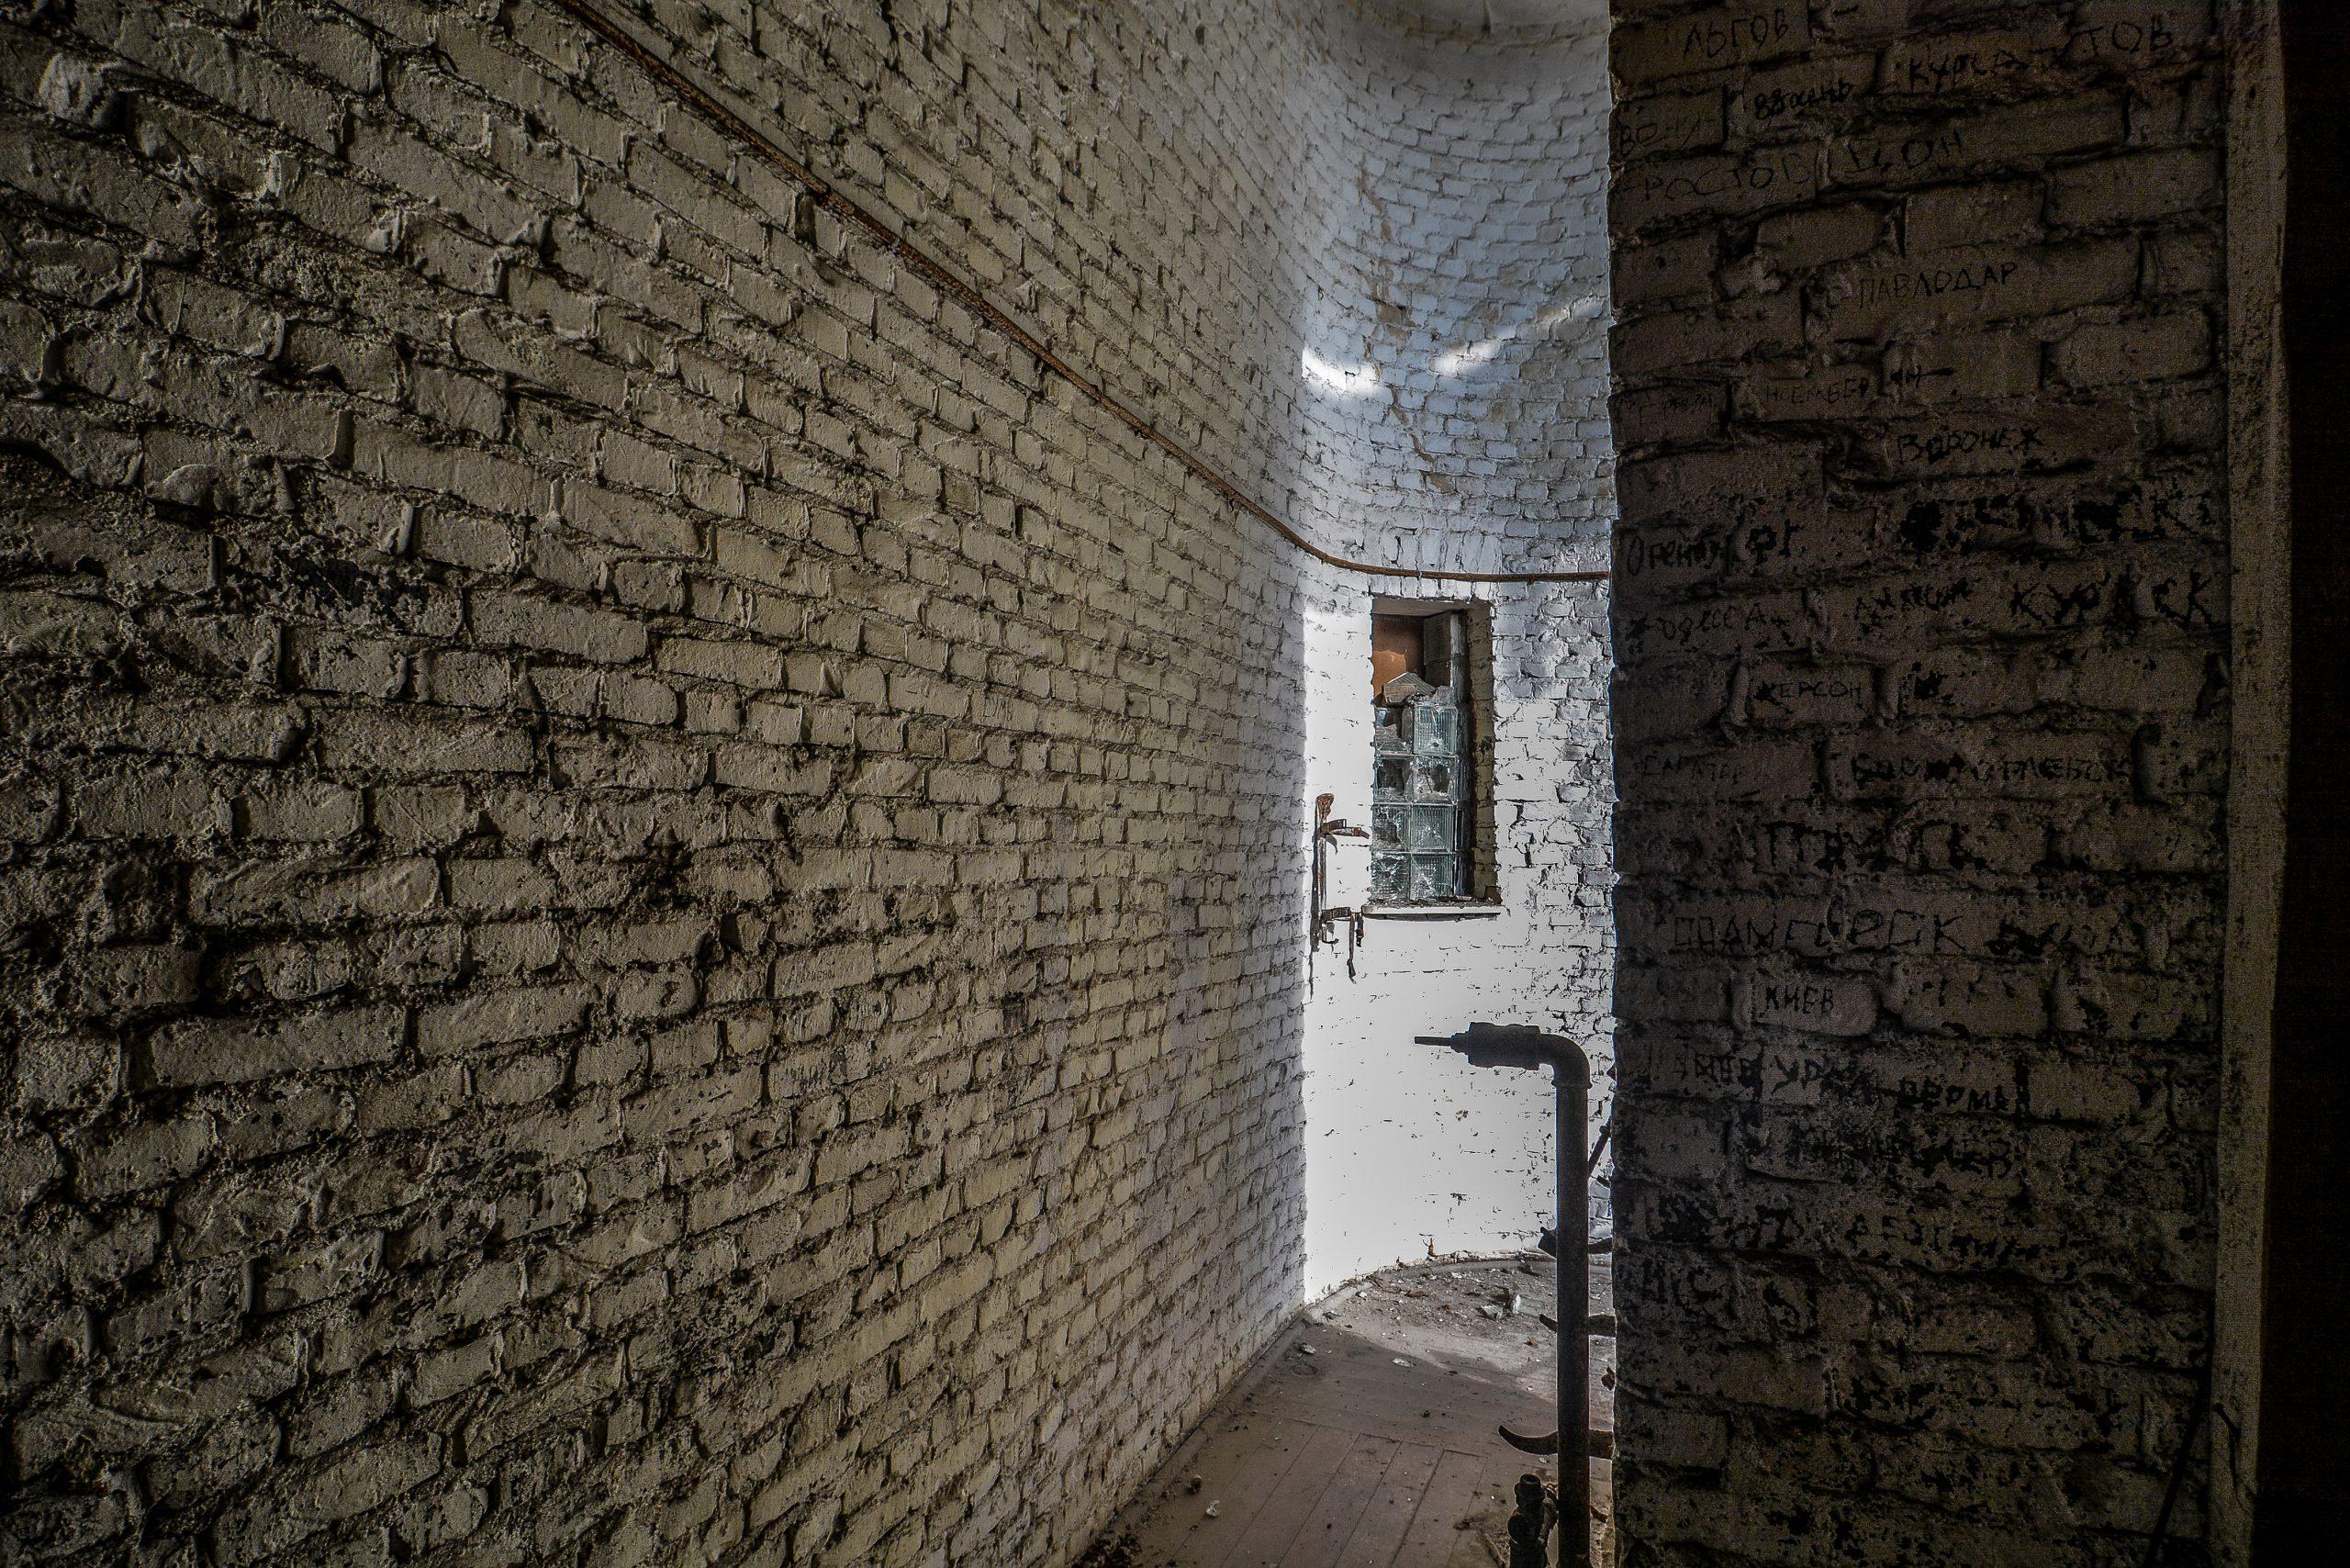 backstage brick wall forst zinna adolf hitler lager luckenwalde juterbog sowjet kaserne soviet military barracks germany lost places urbex abandoned